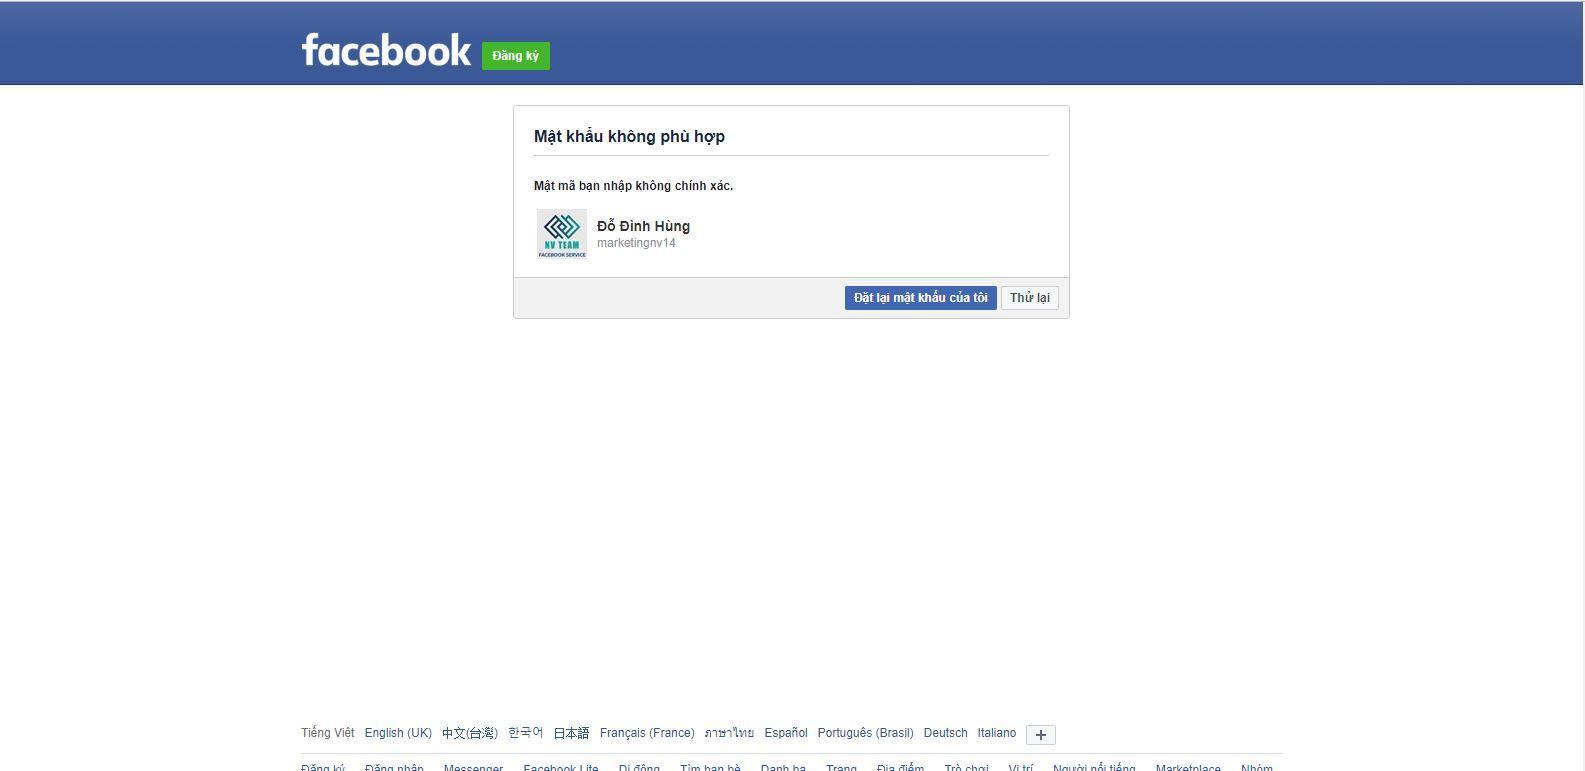 Hỗ trợ lấy lại mật khẩu Facebook nhờ bạn bè tin cậy - image 2-1 on https://atpsoftware.vn